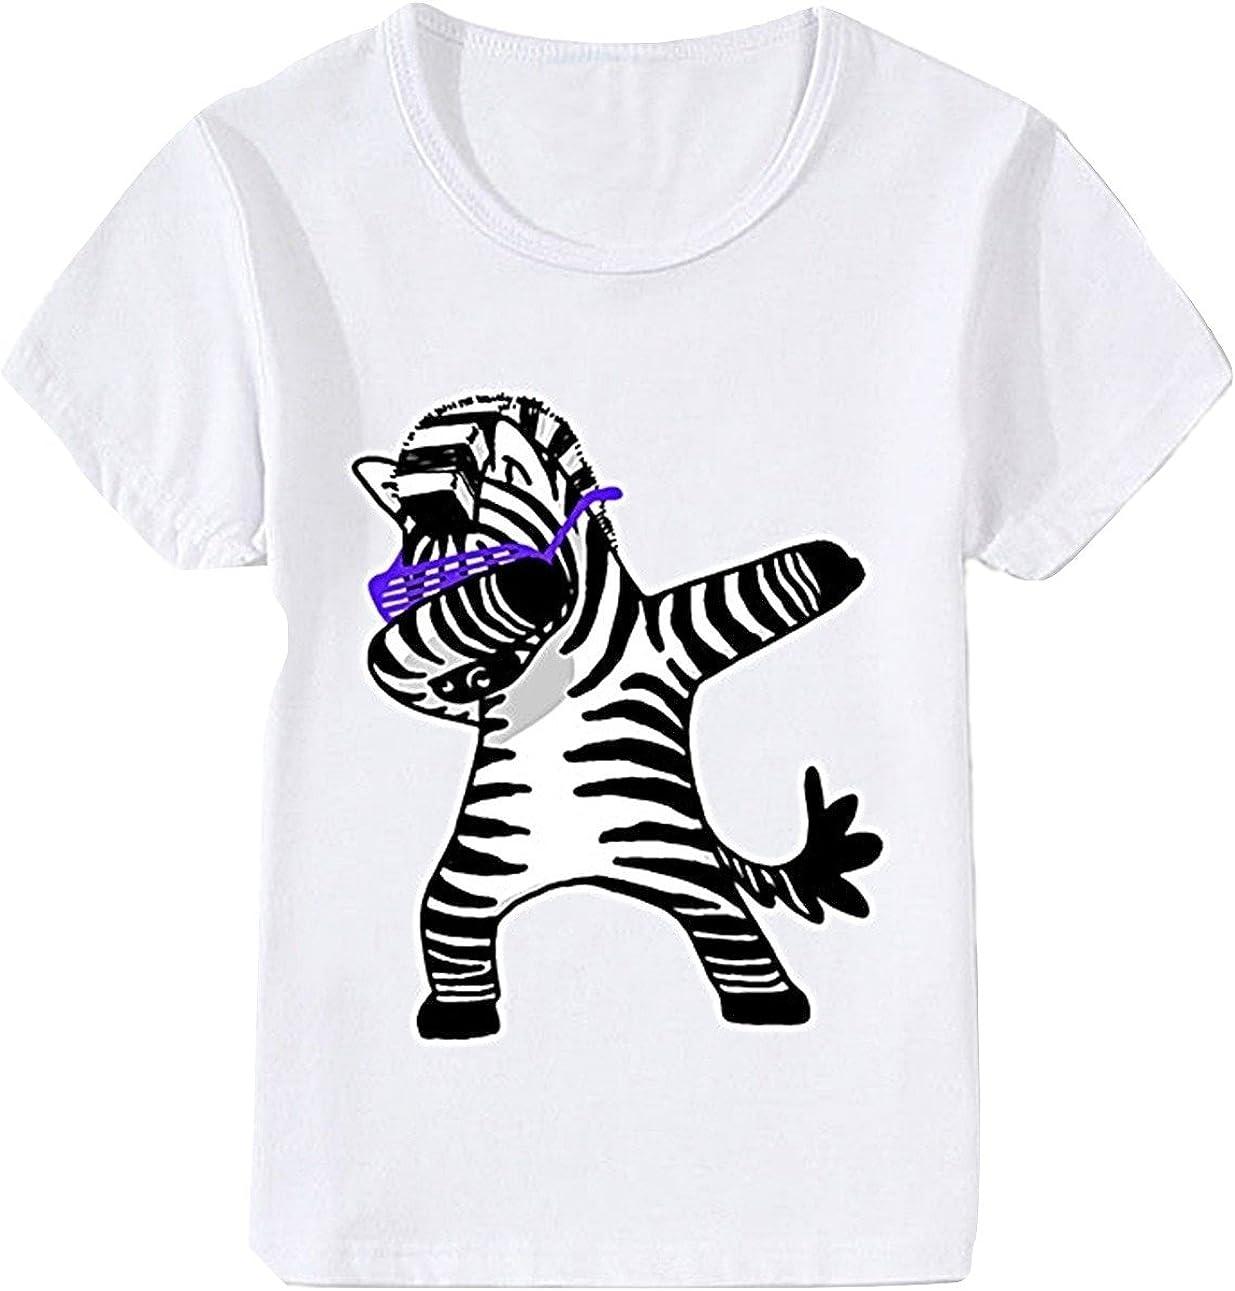 EVERYLON - Camiseta de niño con diseño de Cebra, 3 años, 90-100 cm: Amazon.es: Ropa y accesorios